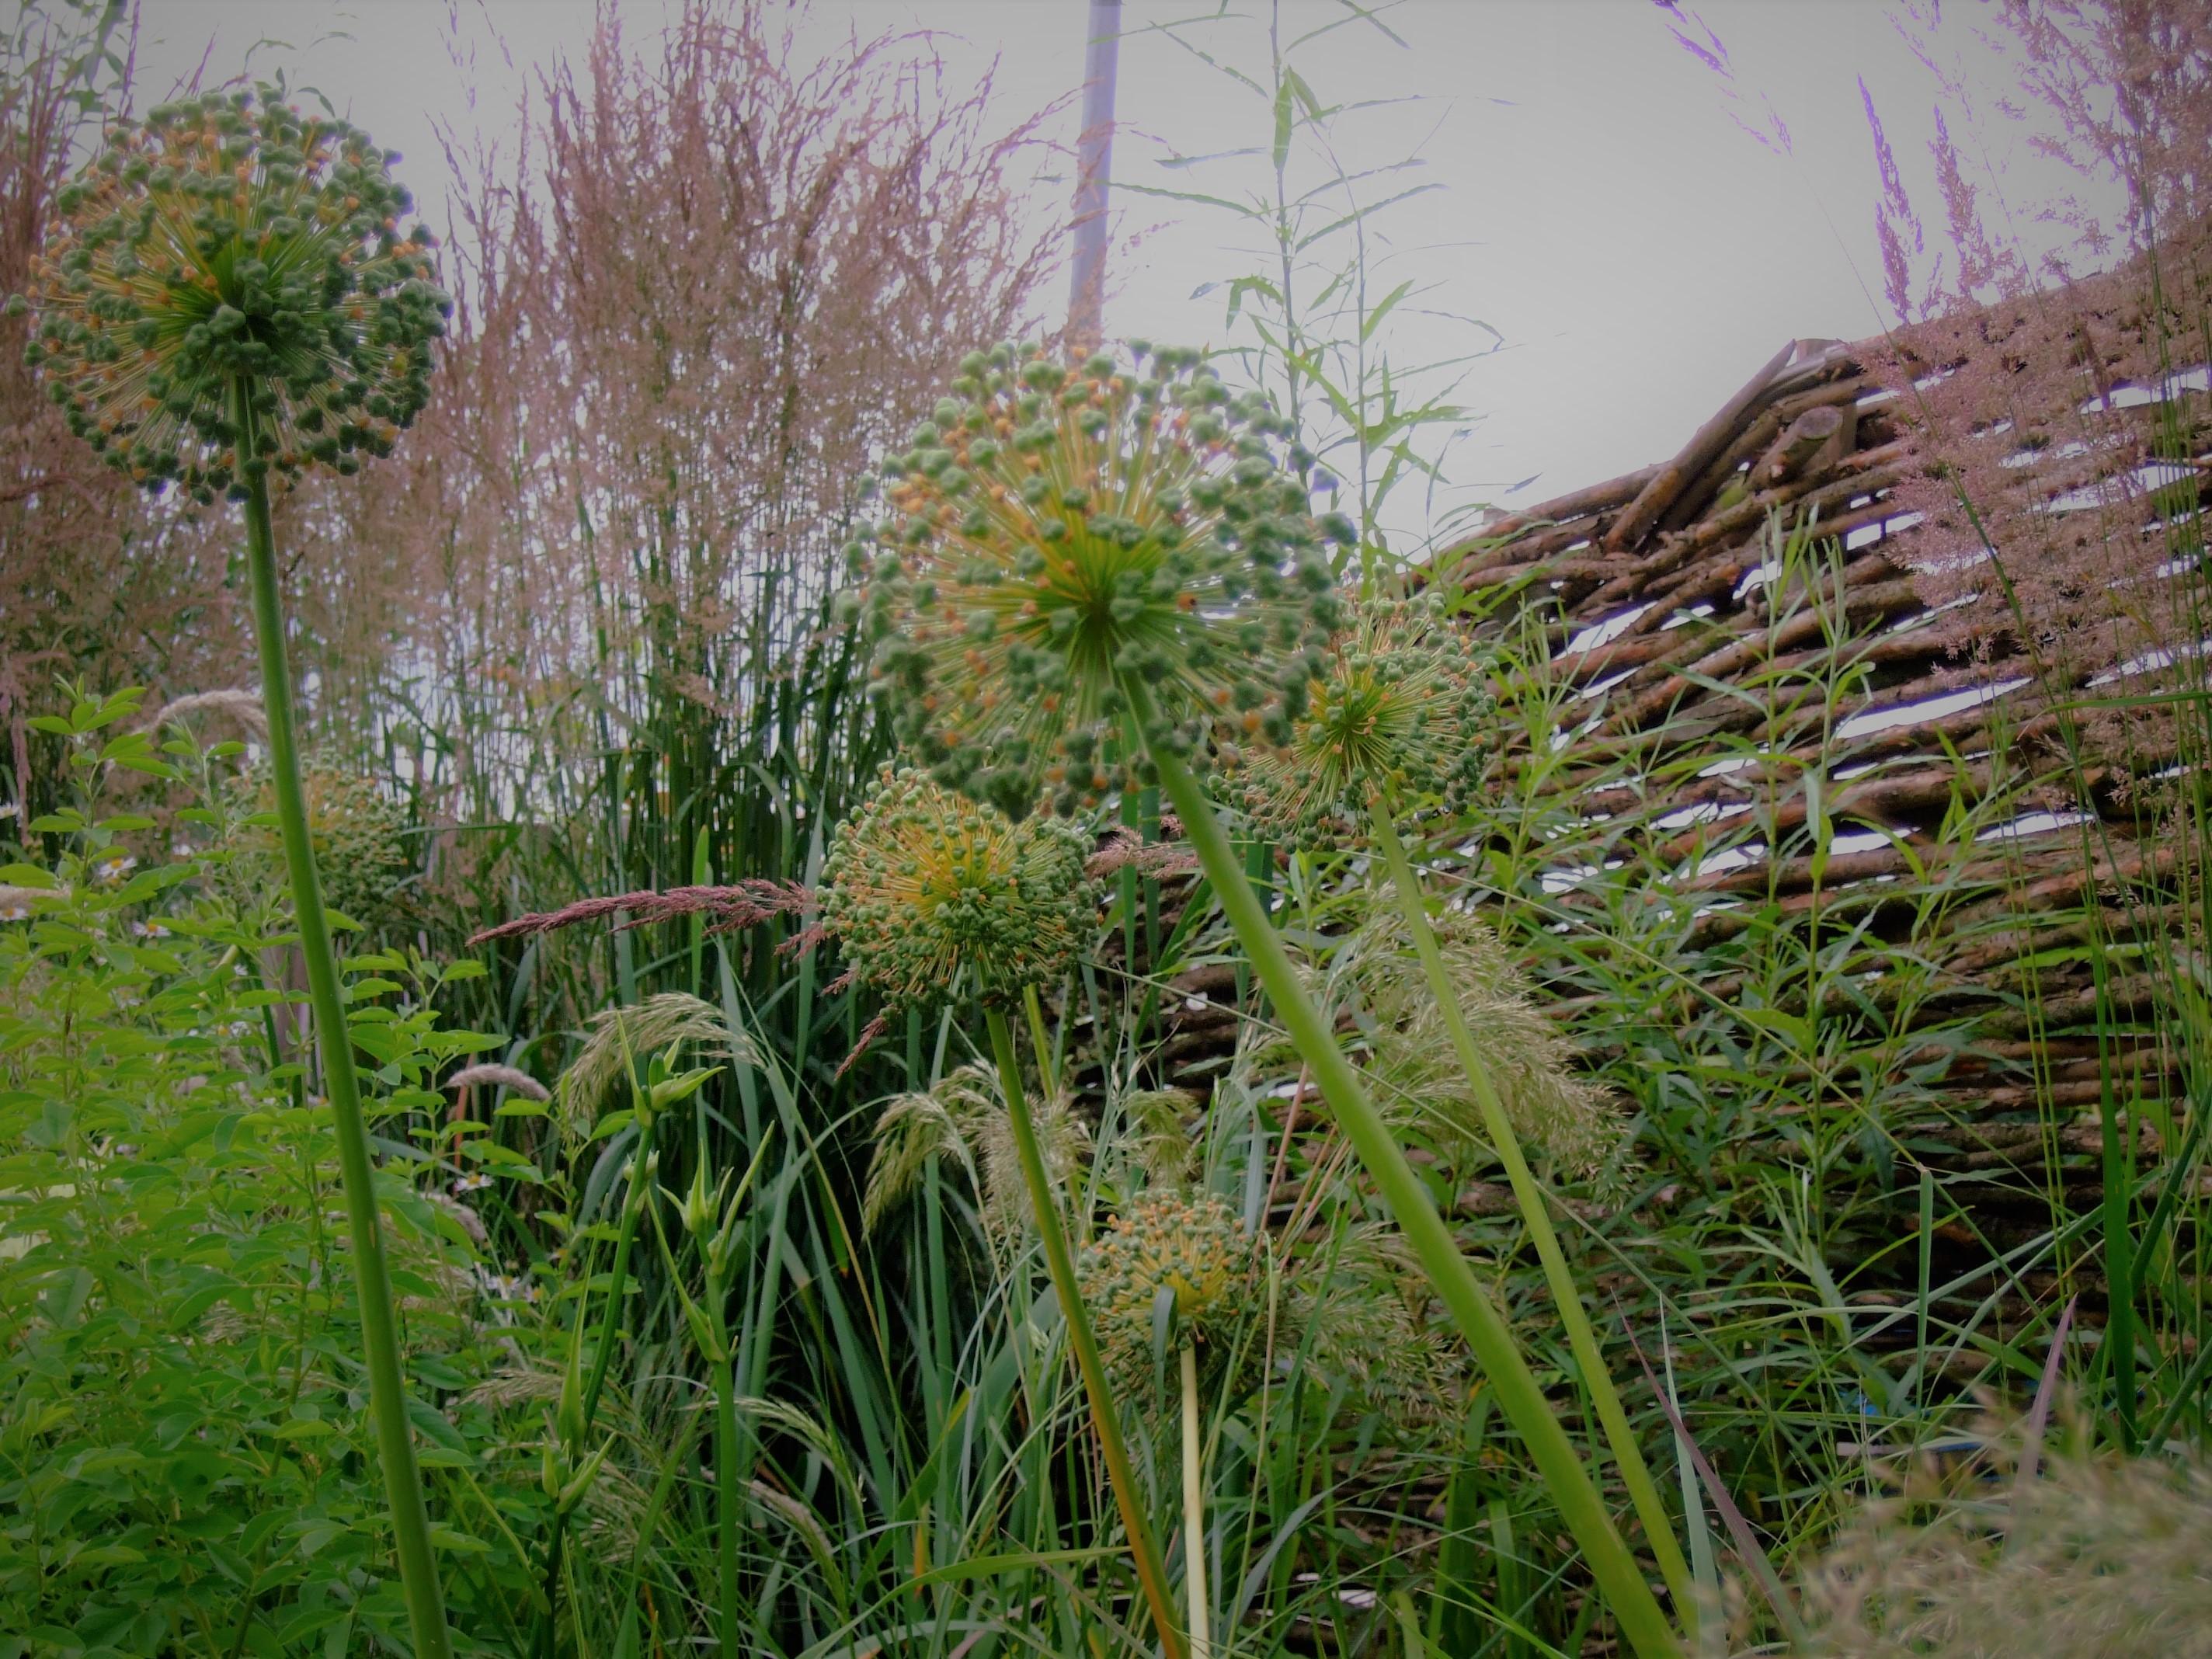 wilgentenen schutting en beplanting van grassen en uitgebloeide sieruien